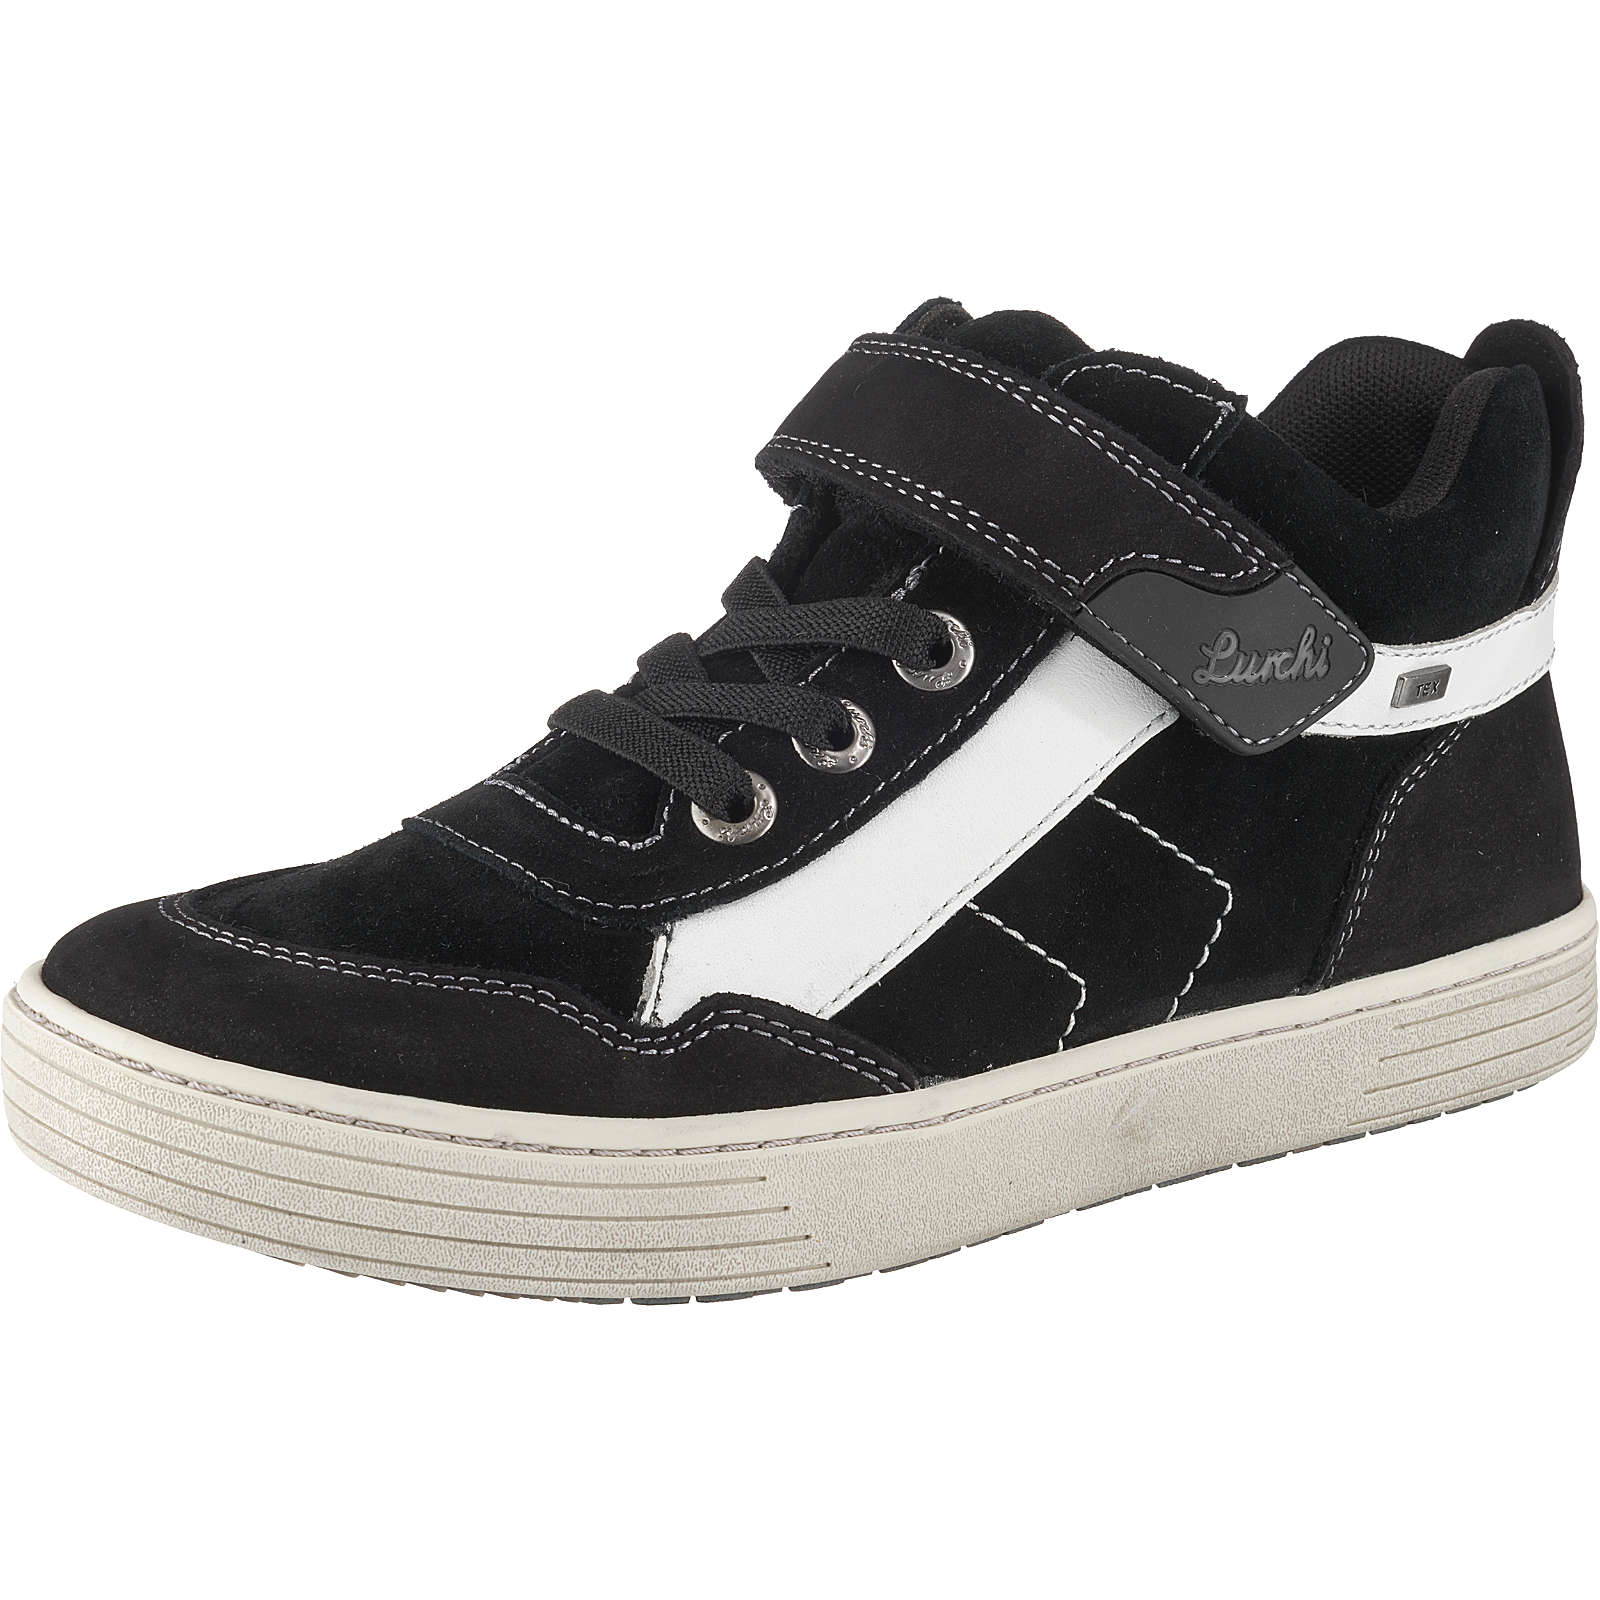 Lurchi Halbschuhe HAKON, TEX, Weite W für breite Füße, für Jungen schwarz Junge Gr. 37